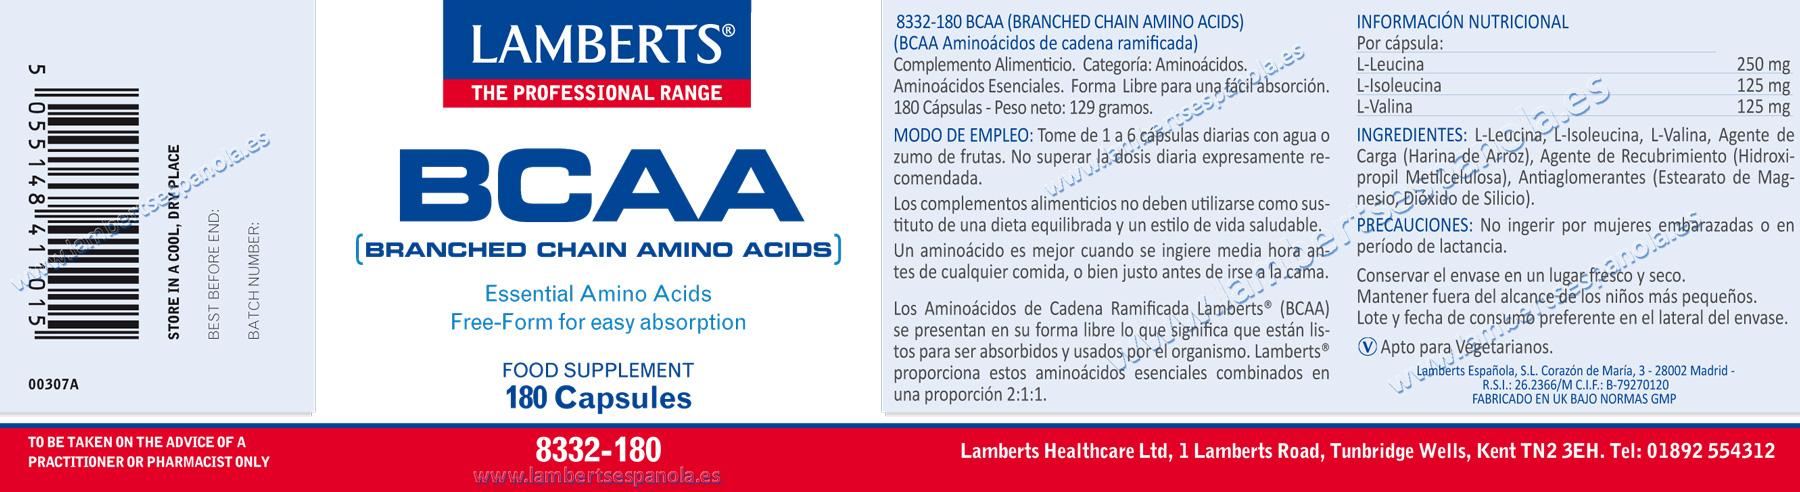 BCAA Aminoácidos